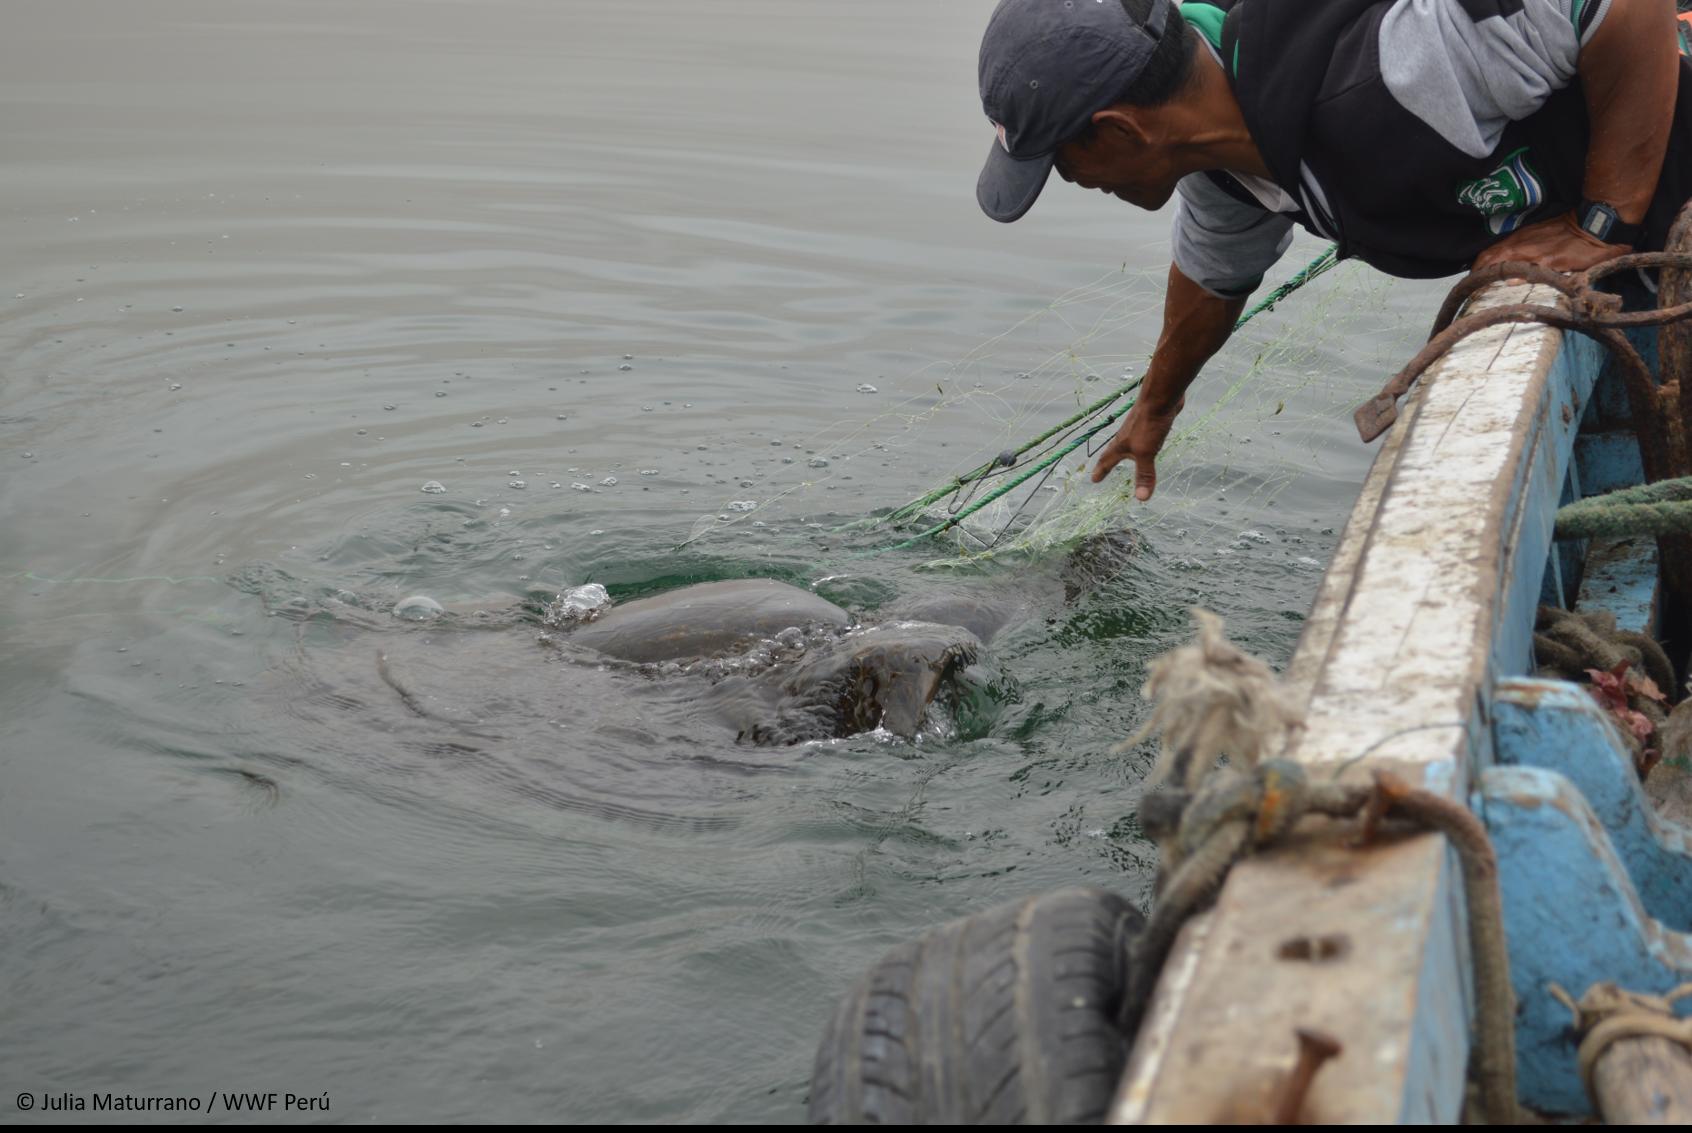 La captura incidental es una de las principales amenazas para las tortugas que habitan el mar peruano. Foto: WWF Perú.